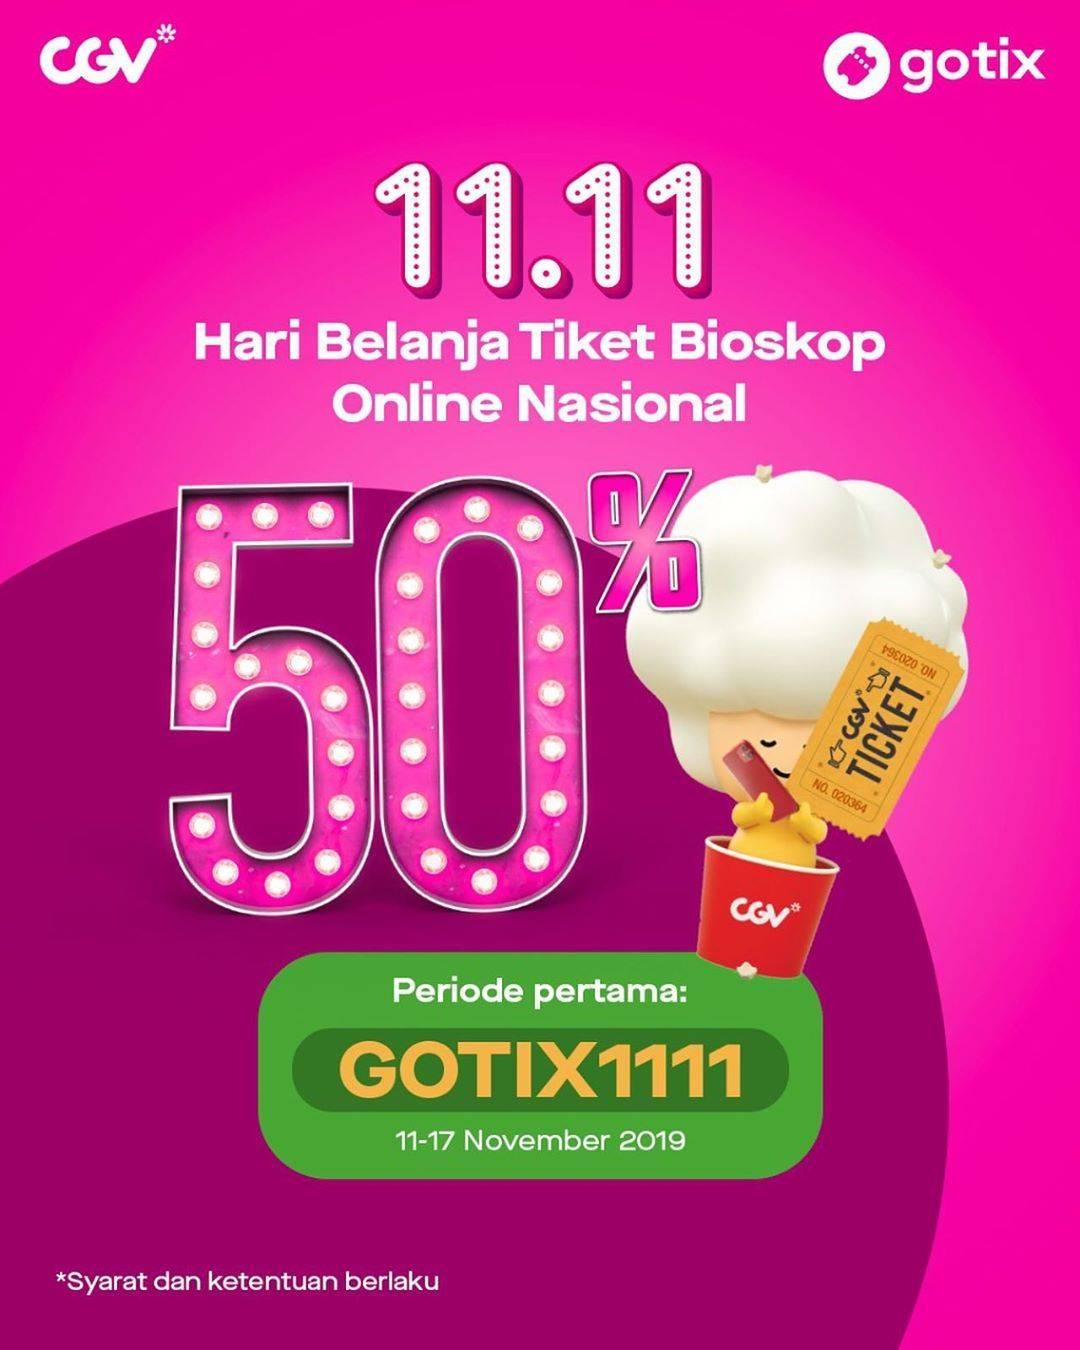 Diskon Gotix Promo Diskon 50% Tiket Nonton di CGV - Hari Belanja Tiket Bioskop Online Nasional